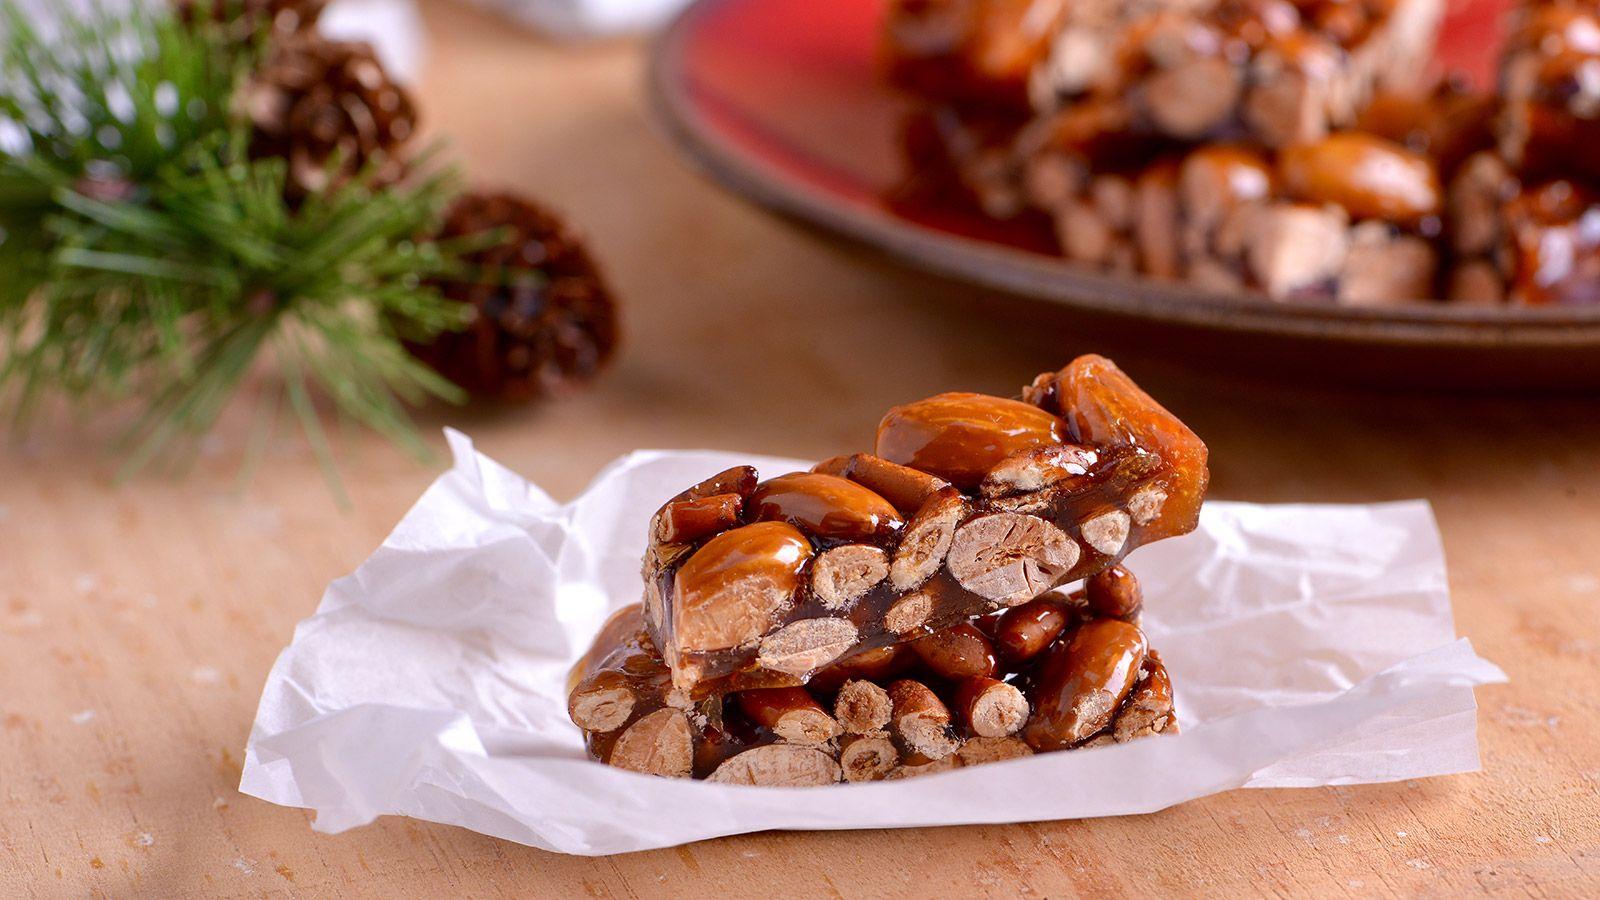 Postres Caseros De Navidad Postres Caseros Receta De Caramelo Receta De Turrón